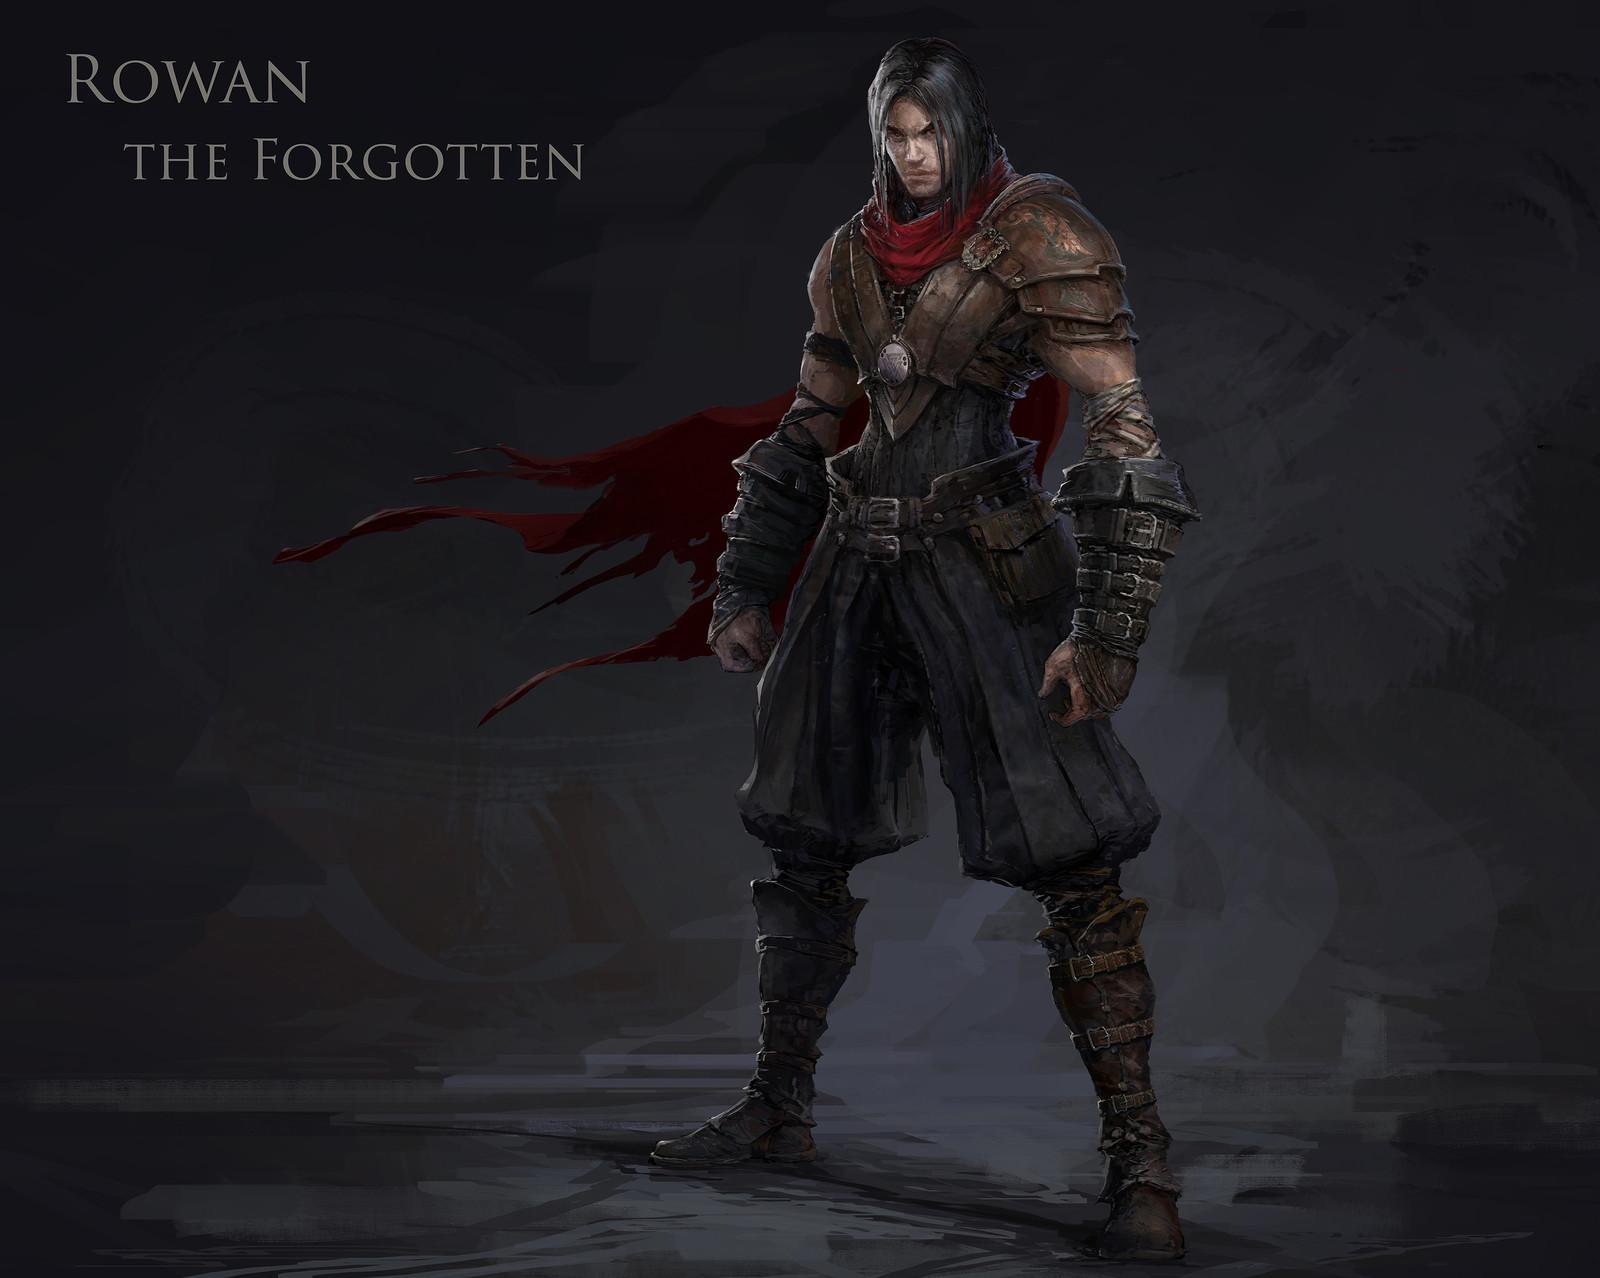 Rowan the Forgotten